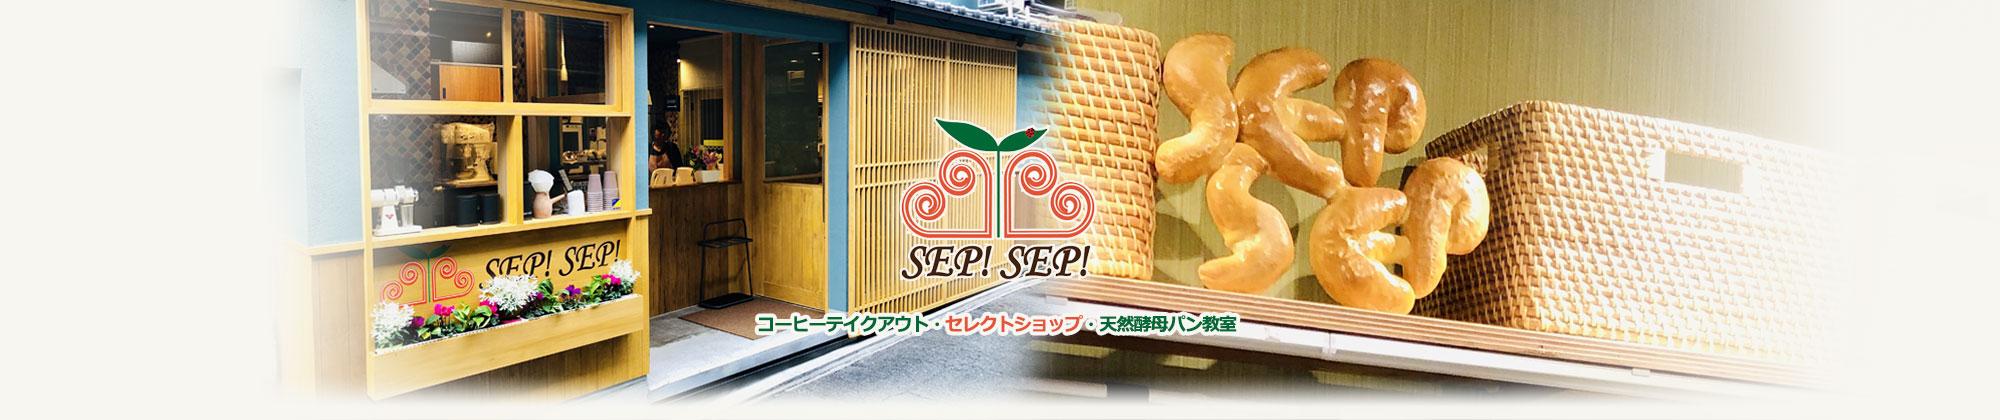 SEP!SEP!(セップセップ)